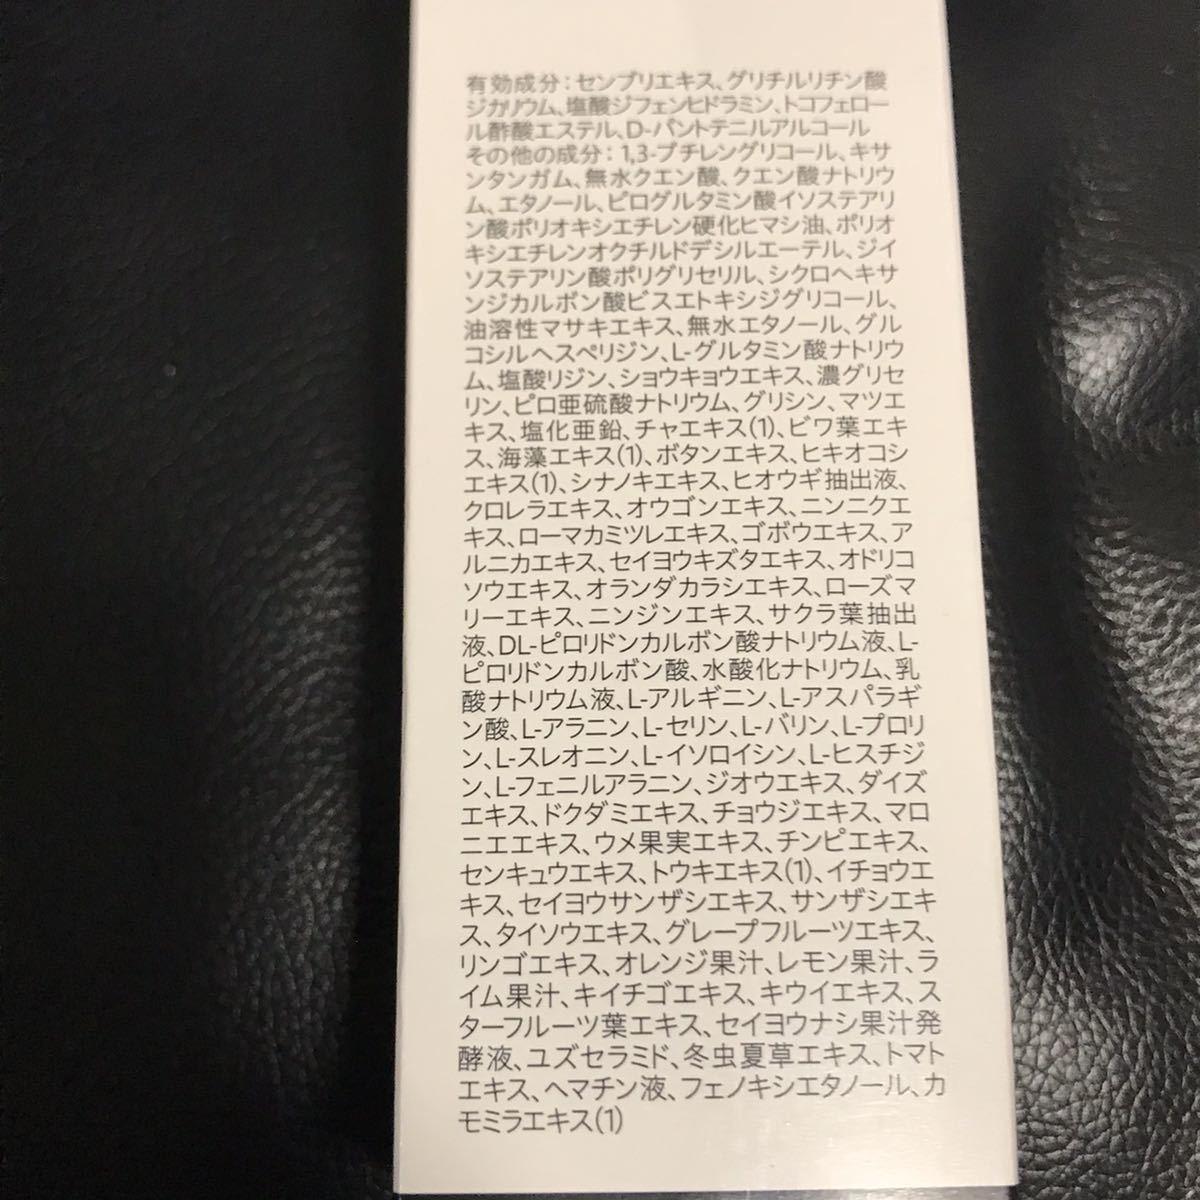 新品未使用★大量サービス品付属★チャップアップ 育毛ローション★CHAP UP